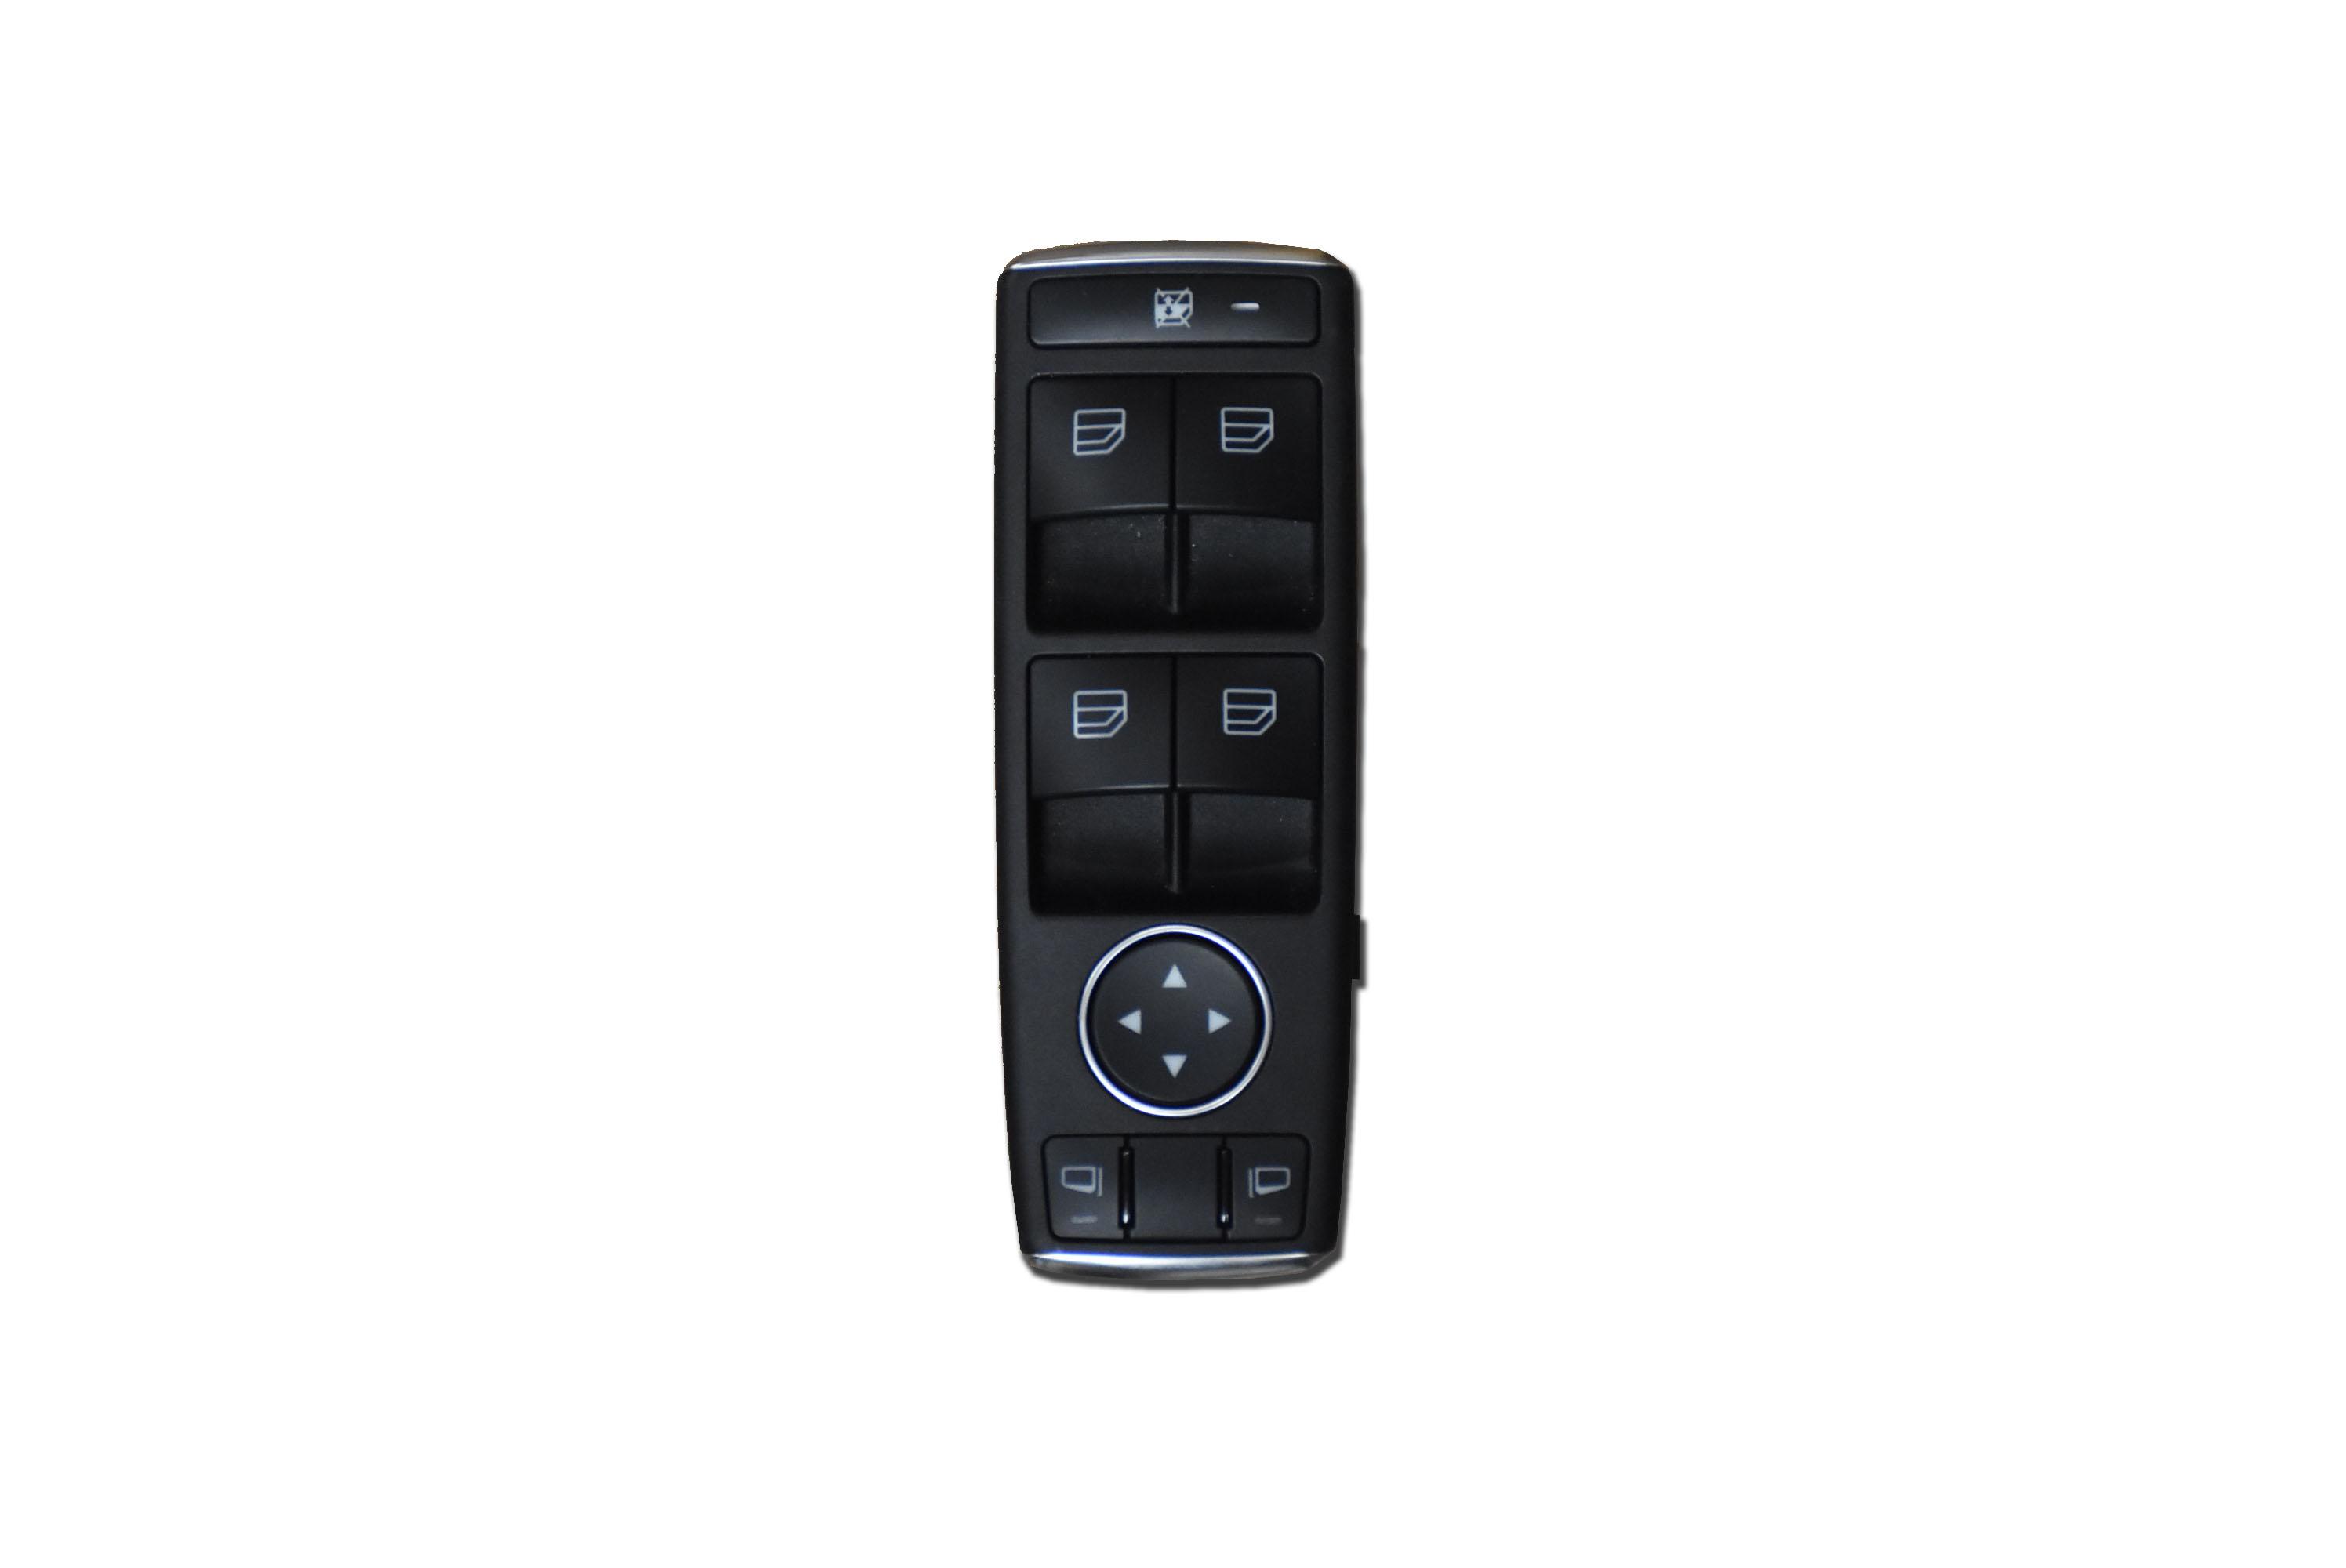 A1669054300 9107 switch